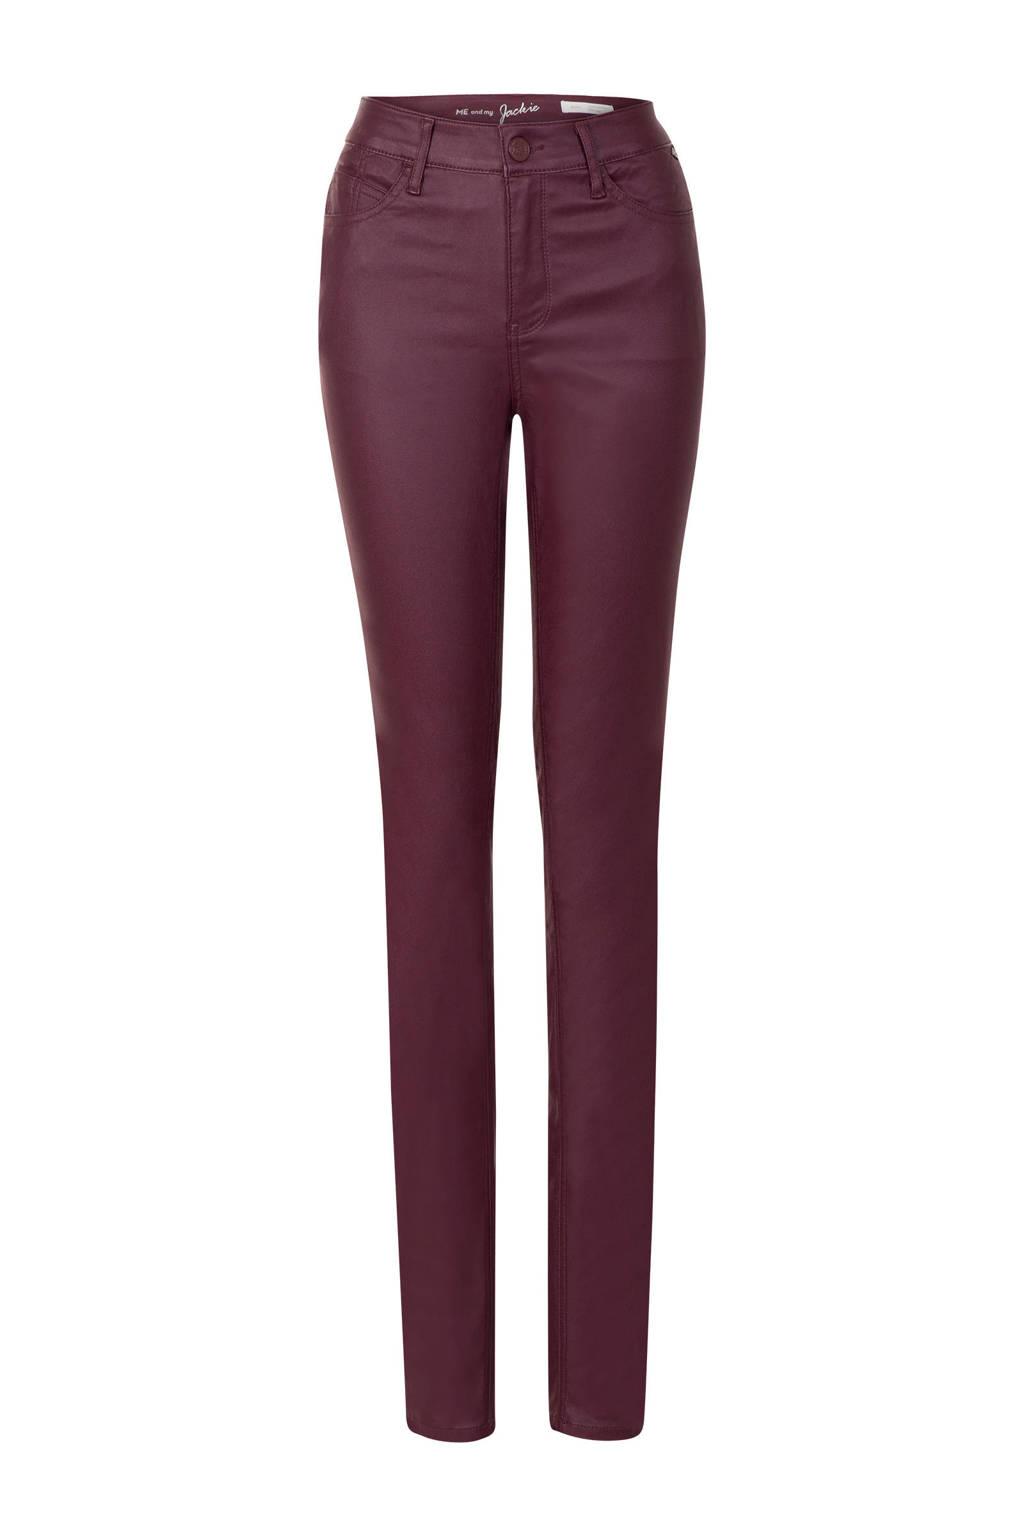 Miss Etam Lang 5-pocket broek paars, Paars